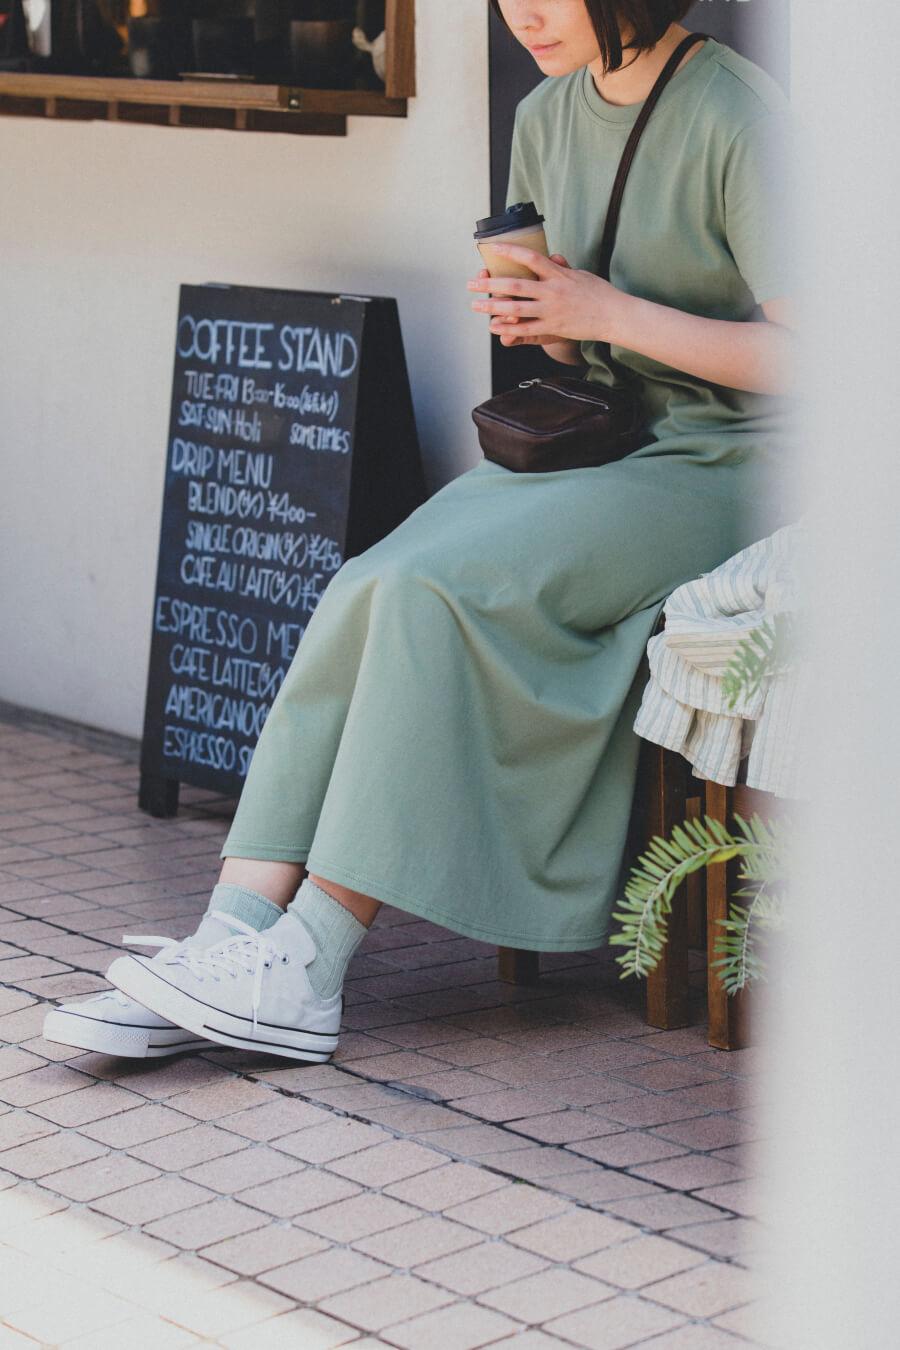 当たりつきギフト専用靴下のLUCKY SOCKS(ラッキーソックス)のSmooth Ankle Socks(スムースアンクルソックス)のペールミント_image1